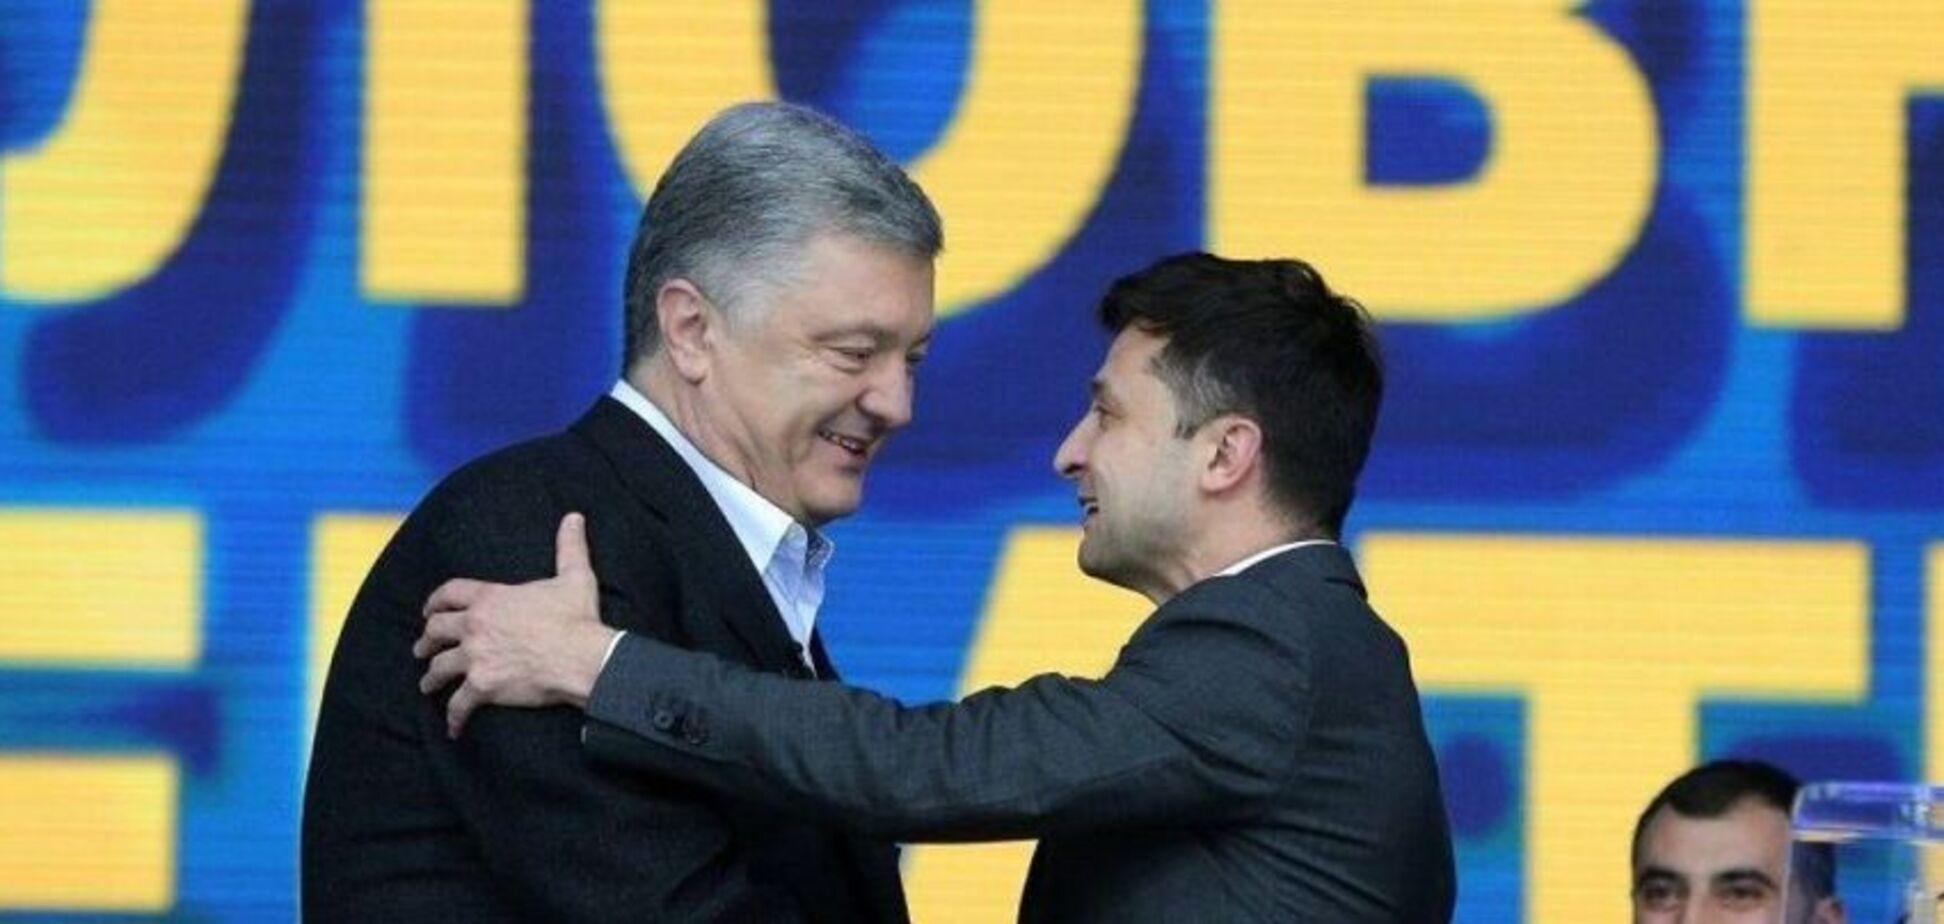 Дебати Зеленського і Порошенка: українці сказали, хто виграв